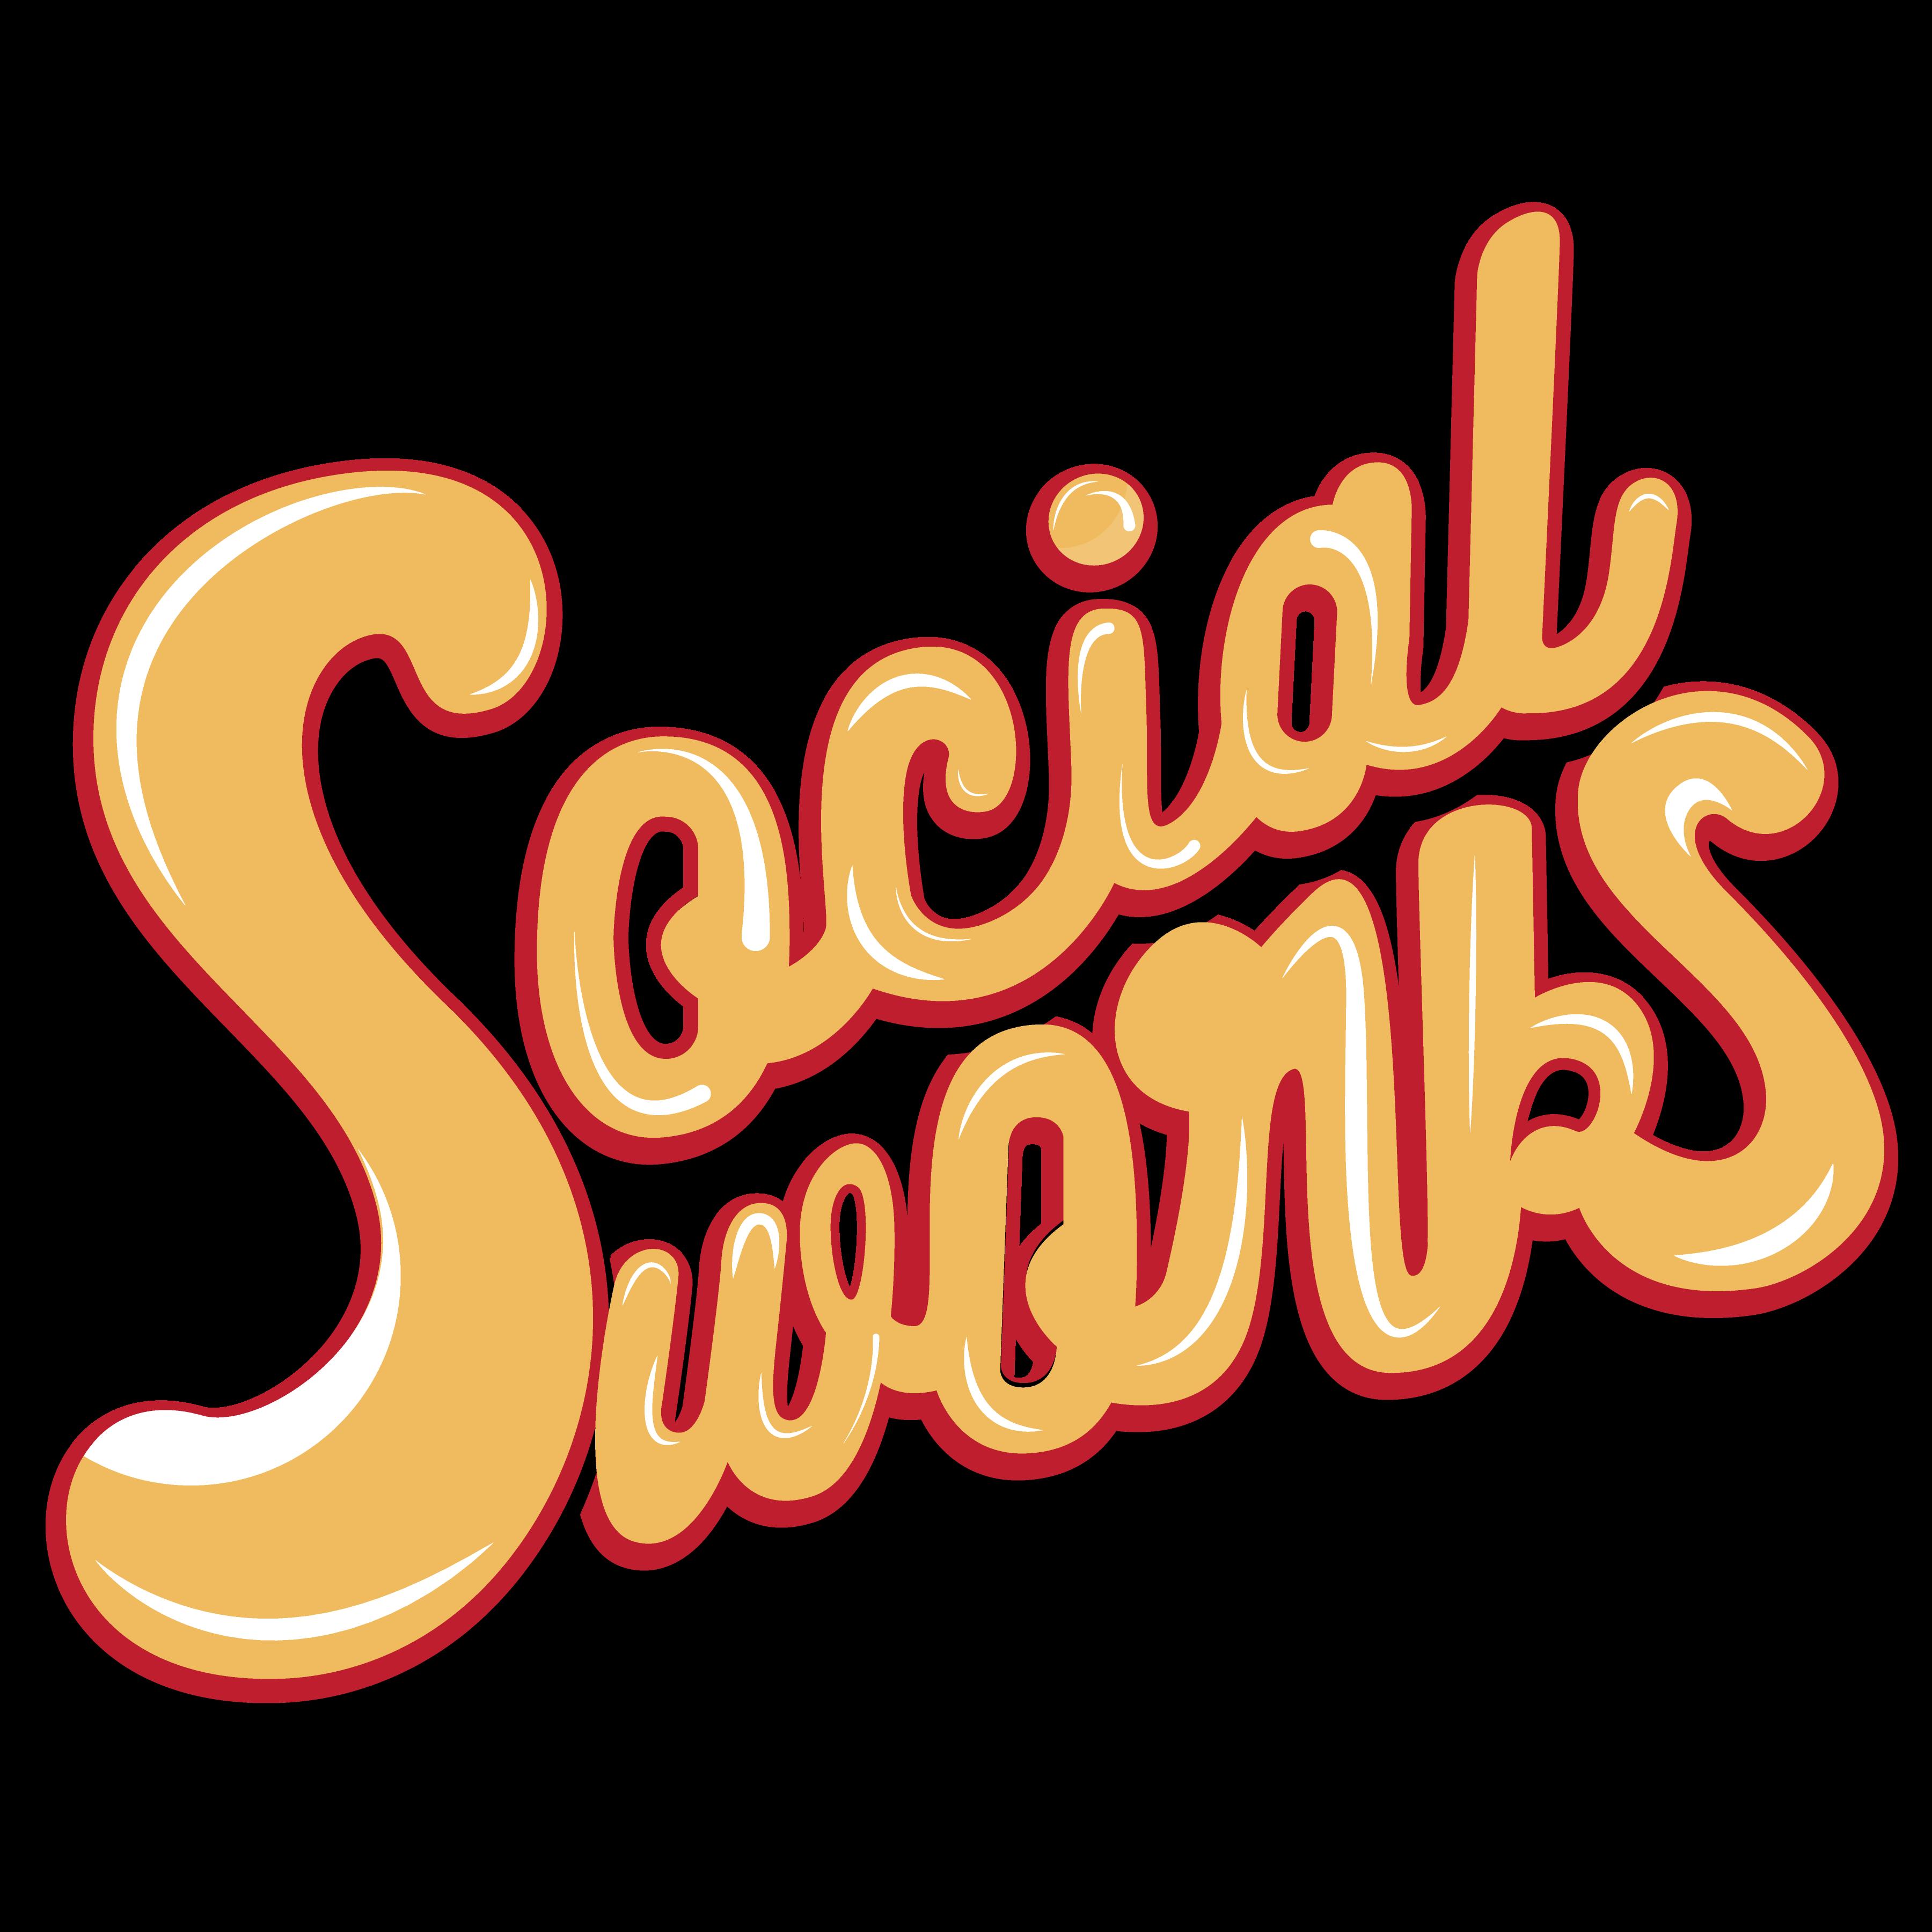 http://www.socialworkschi.org